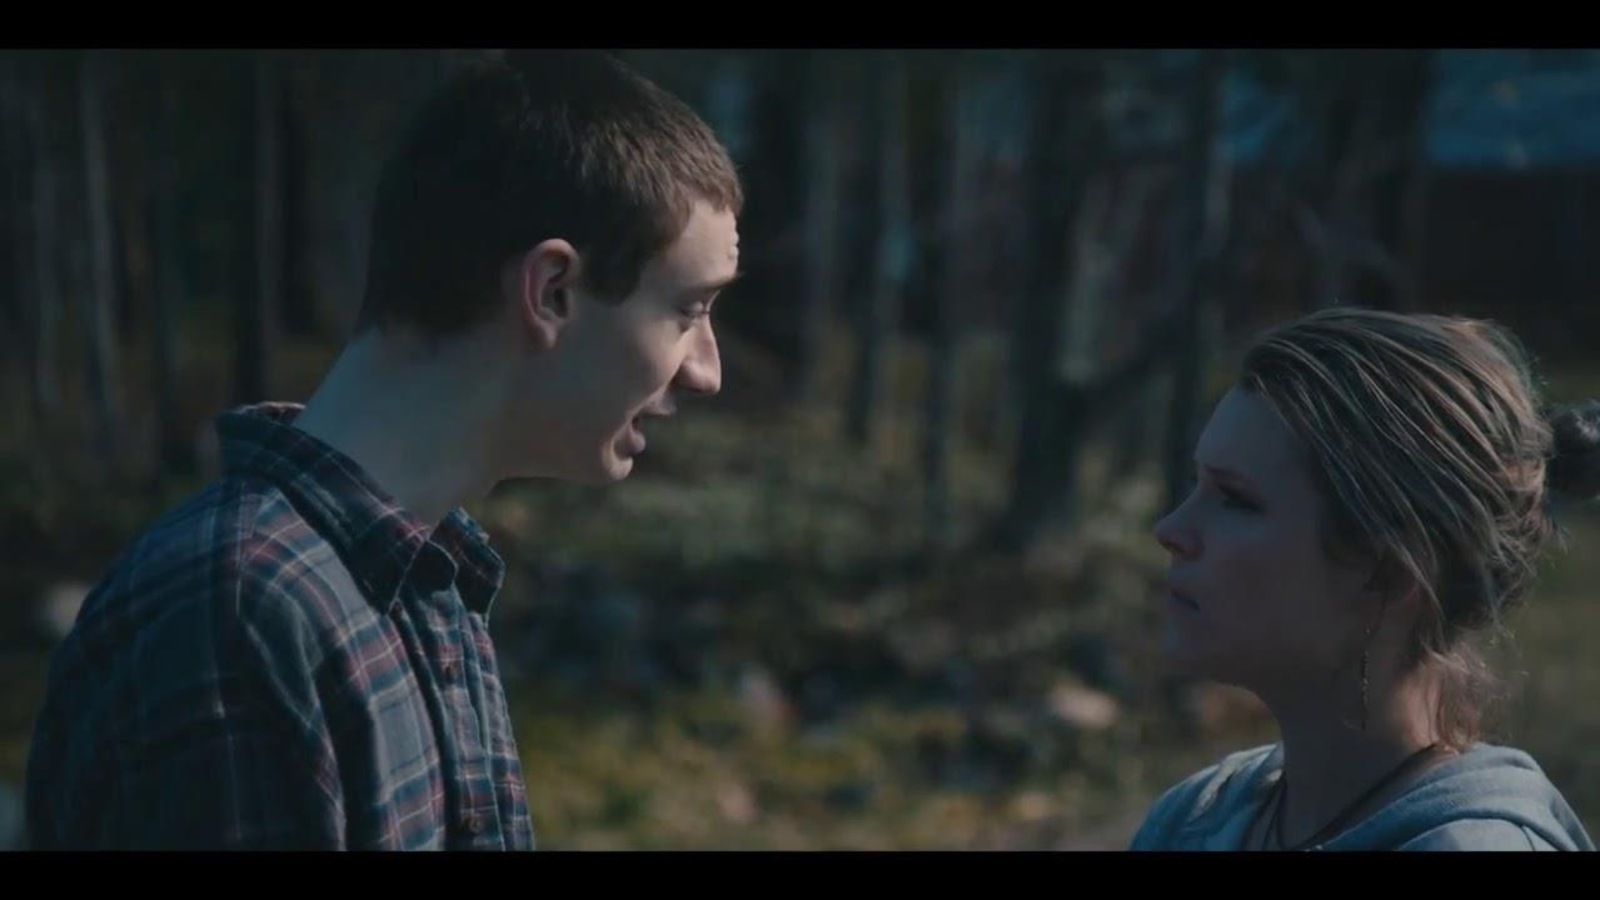 Un jeune homme et une jeune femme face à face, à l'extérieur.